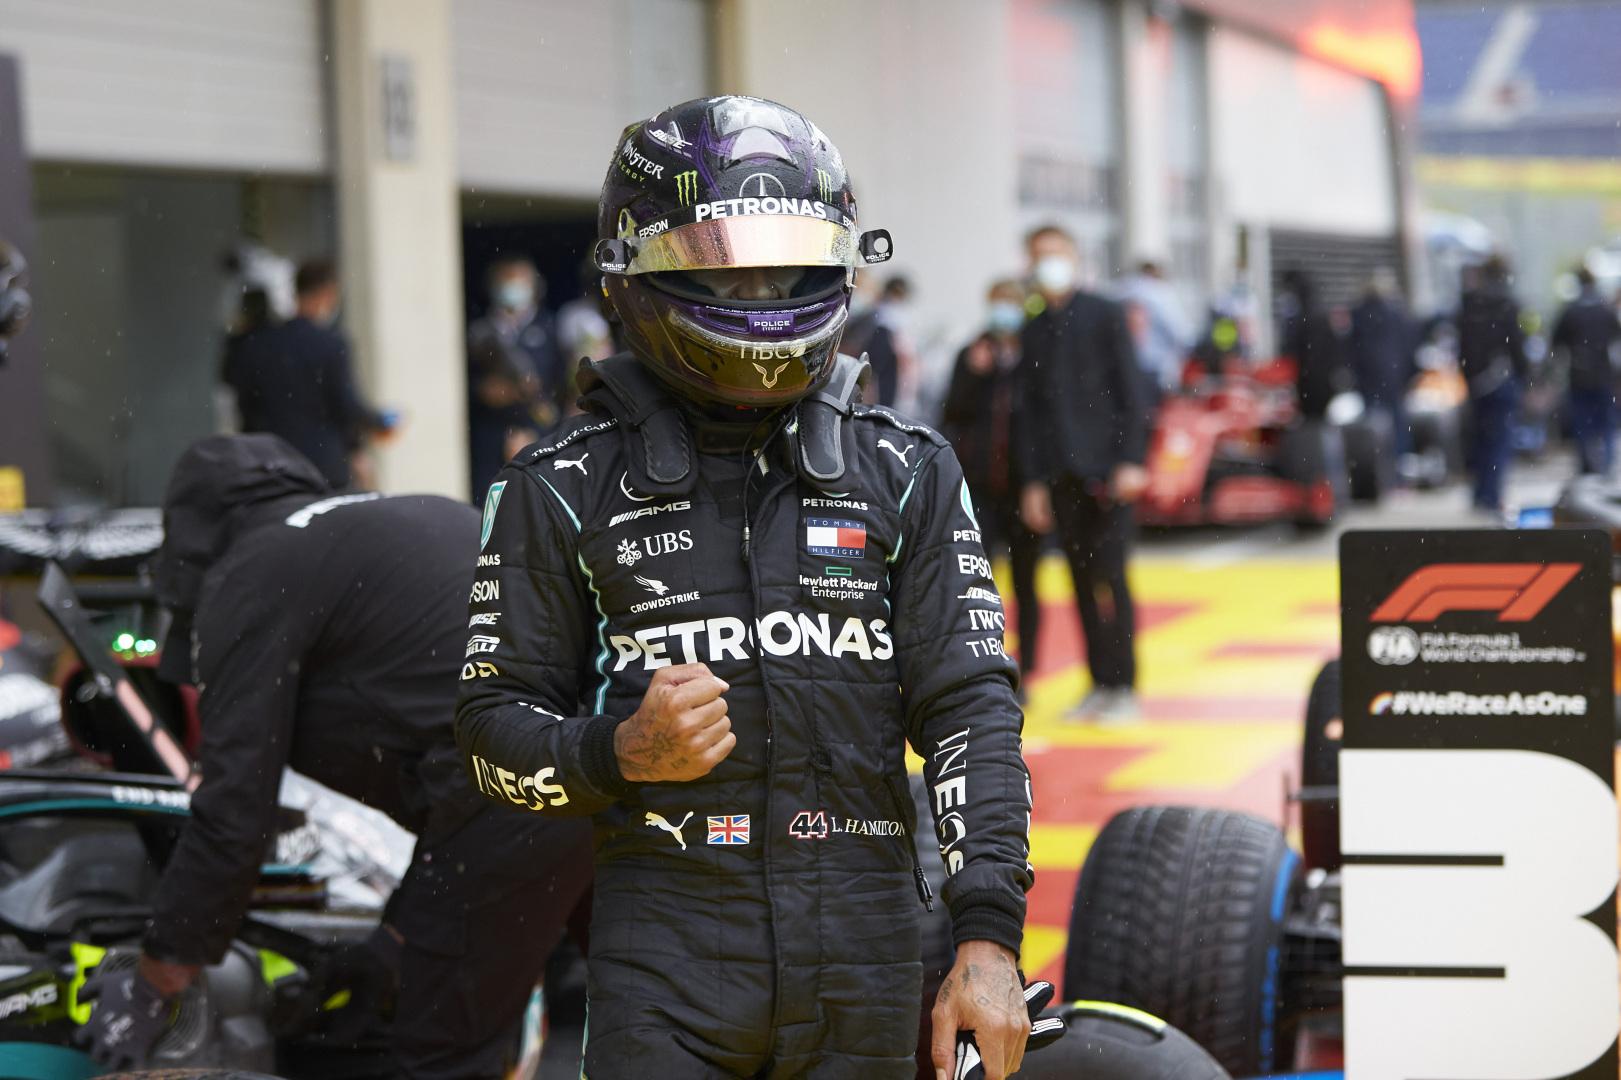 """Austrijoje vykusioje kvalifikacijoje """"pole"""" iškovojo L. Hamiltonas"""